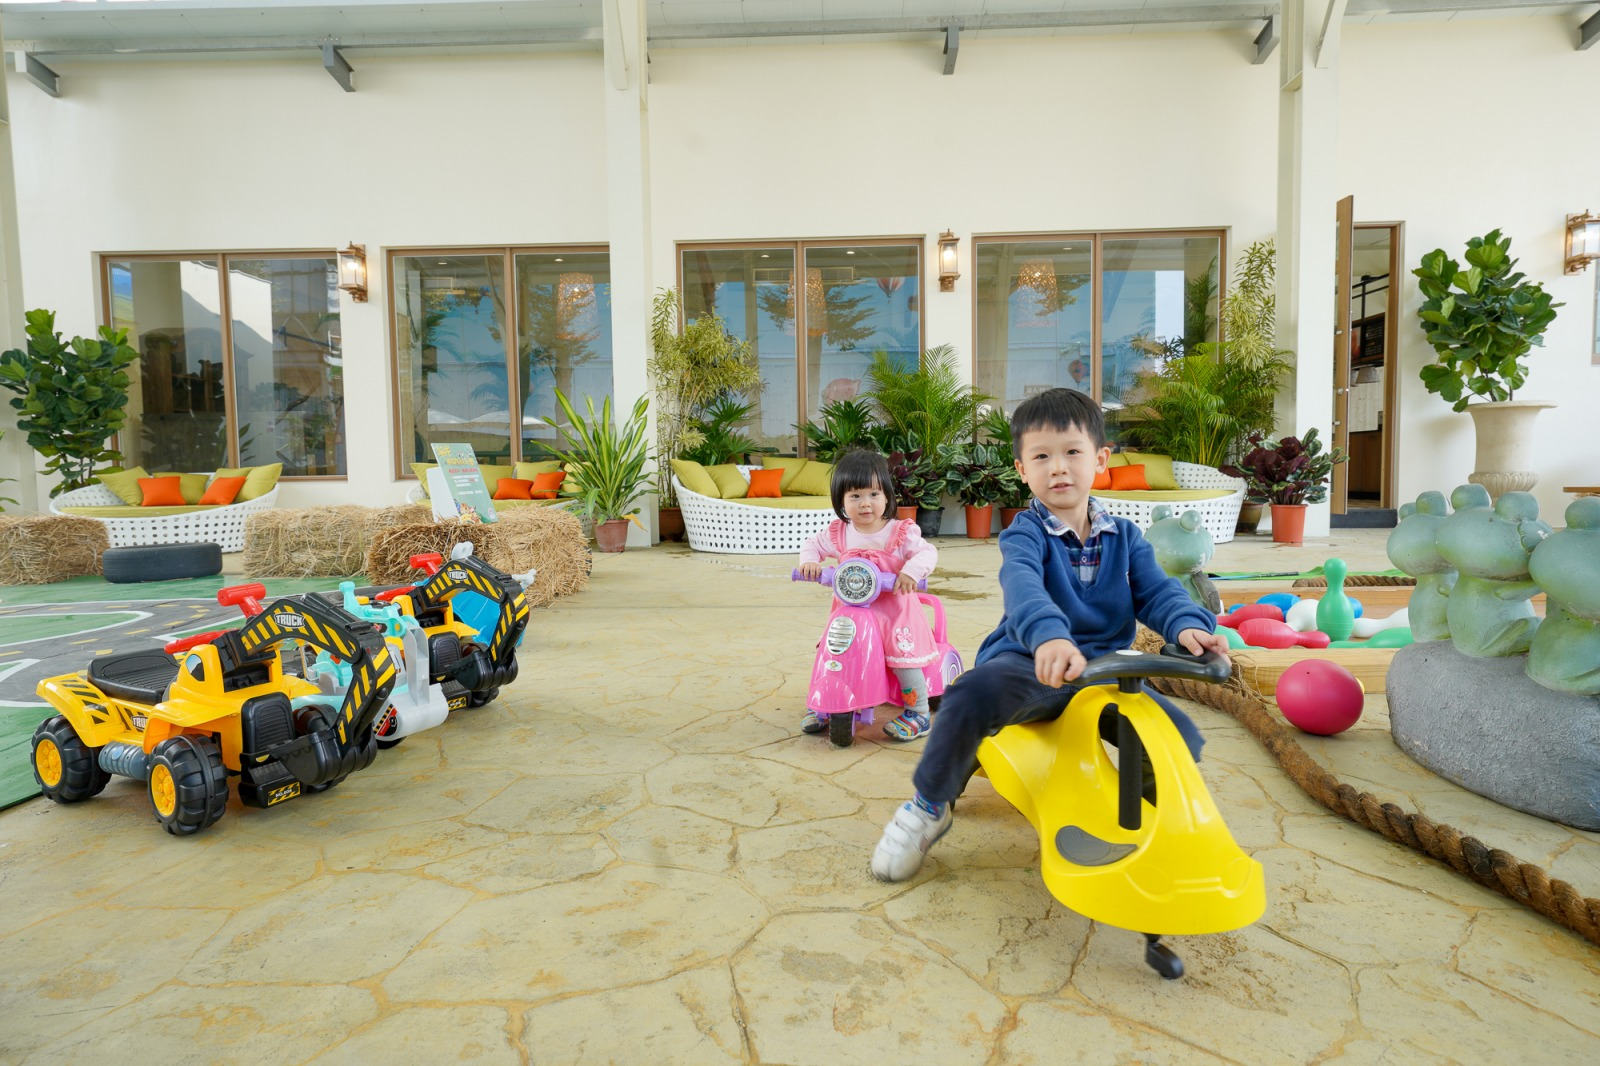 彰化新景點》台灣穀堡全新改版2.0:南洋風網美打卡區、親子遊戲區、全新女孩美妝天地、親子DIY,建議提早卡位~